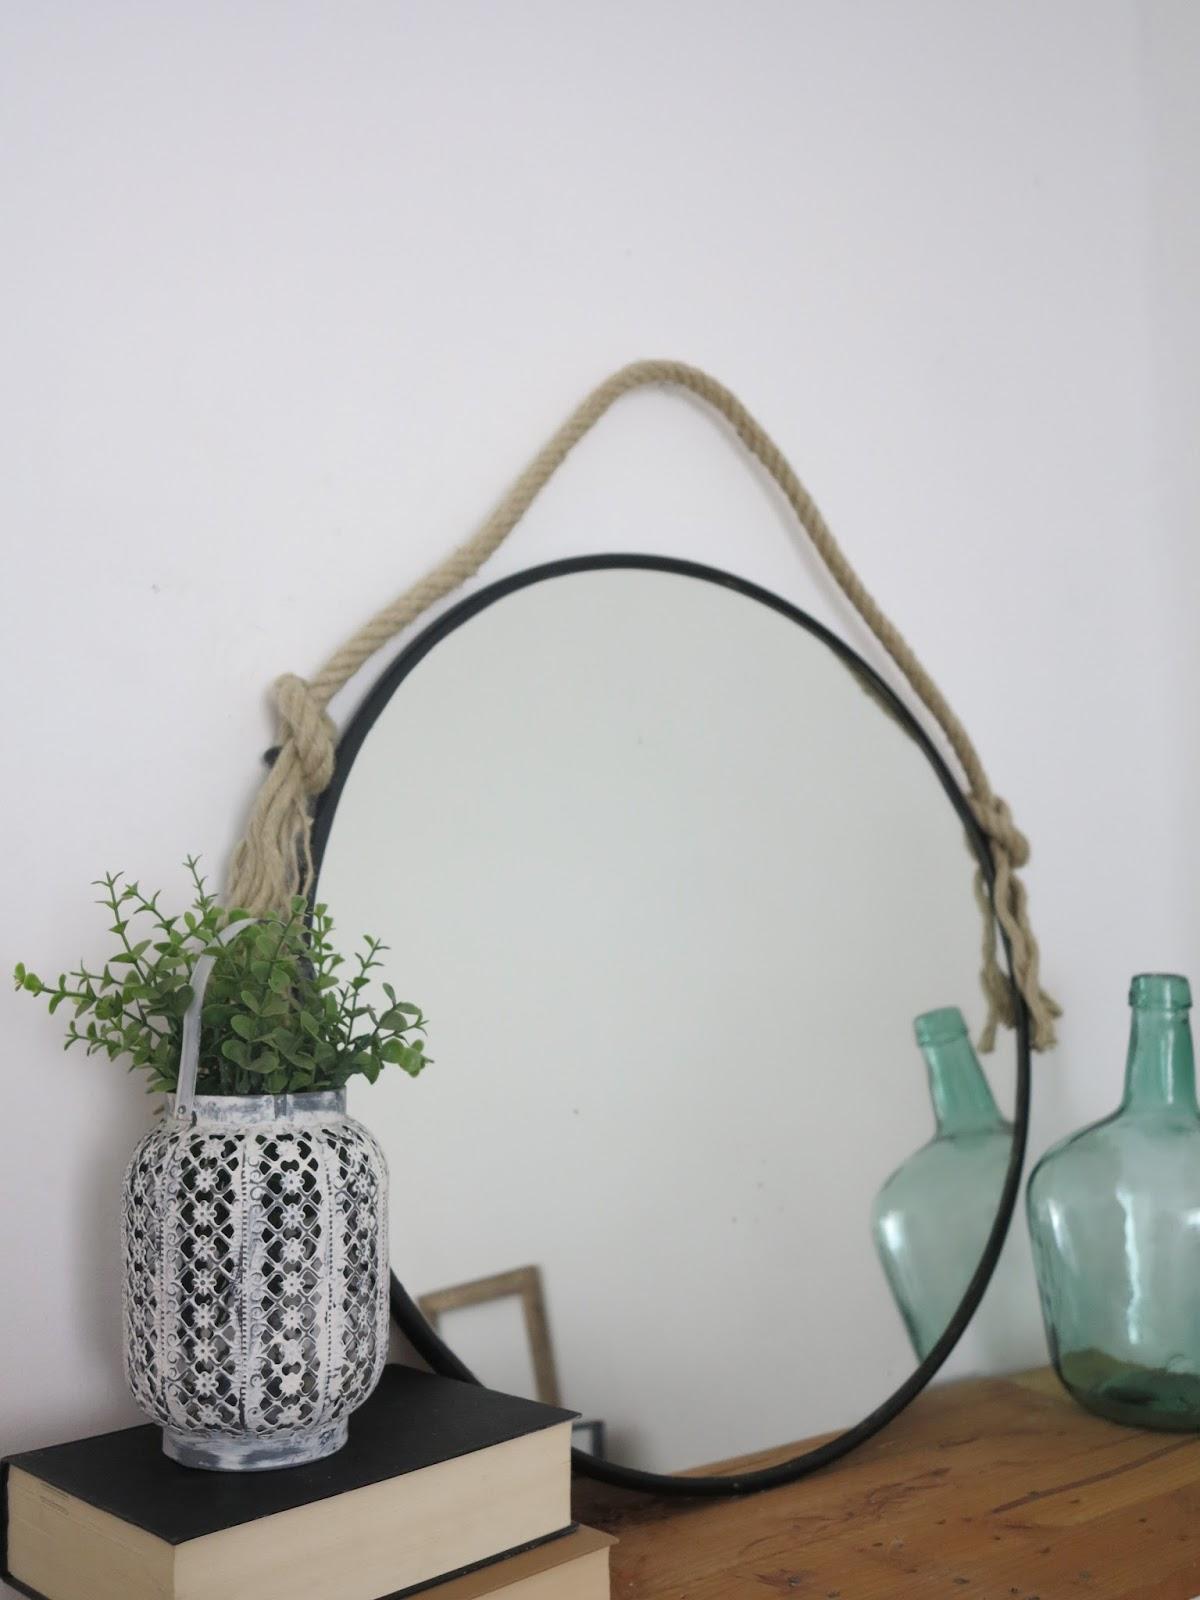 Diy espejo r stico negro con cuerda handbox craft for Espejo redondo cuerda